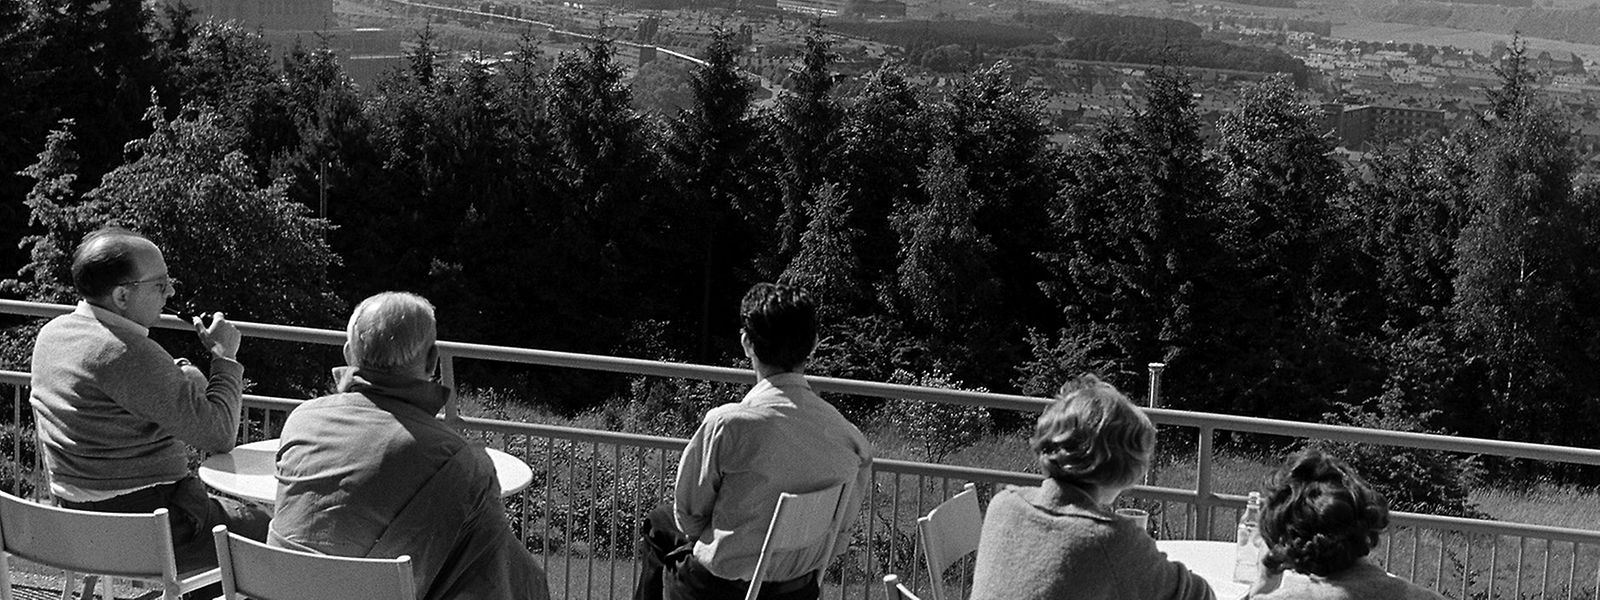 Den Überblick über die Südregion hatten 1961 diese Personen vom Escher Galgenberg aus.